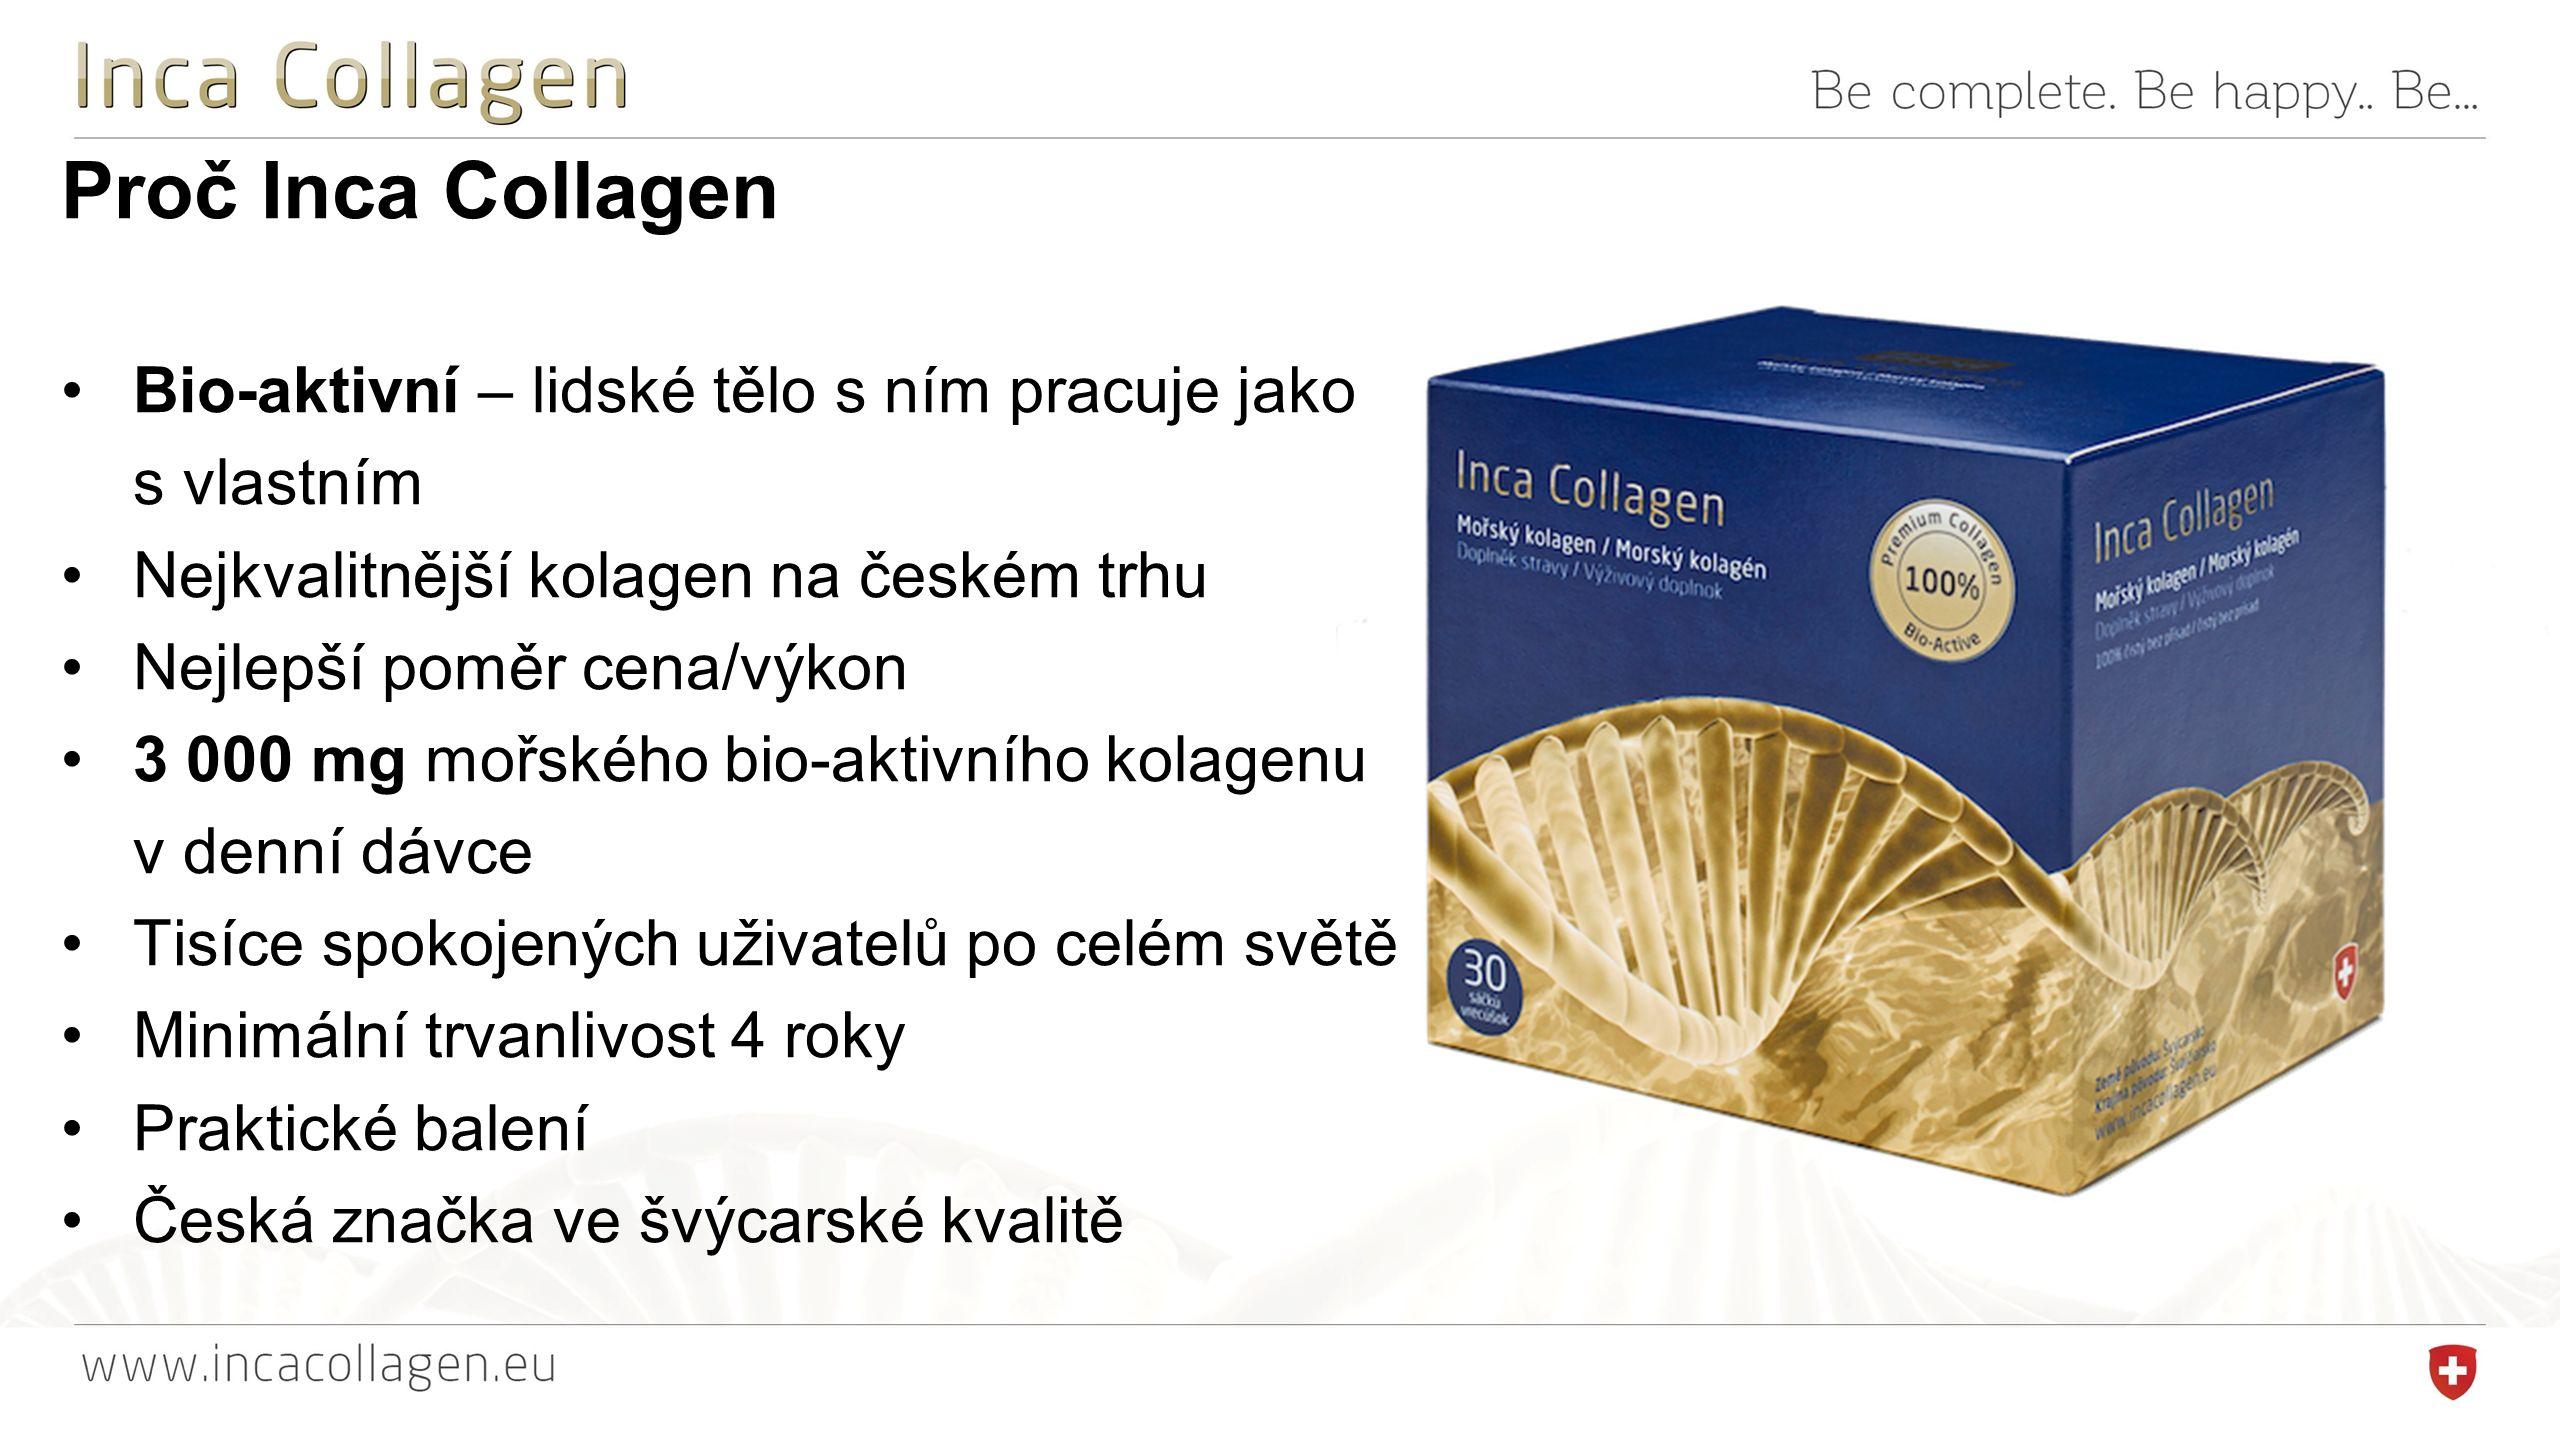 Proč Inca Collagen Bio-aktivní – lidské tělo s ním pracuje jako s vlastním Nejkvalitnější kolagen na českém trhu Nejlepší poměr cena/výkon 3 000 mg mořského bio-aktivního kolagenu v denní dávce Tisíce spokojených uživatelů po celém světě Minimální trvanlivost 4 roky Praktické balení Česká značka ve švýcarské kvalitě